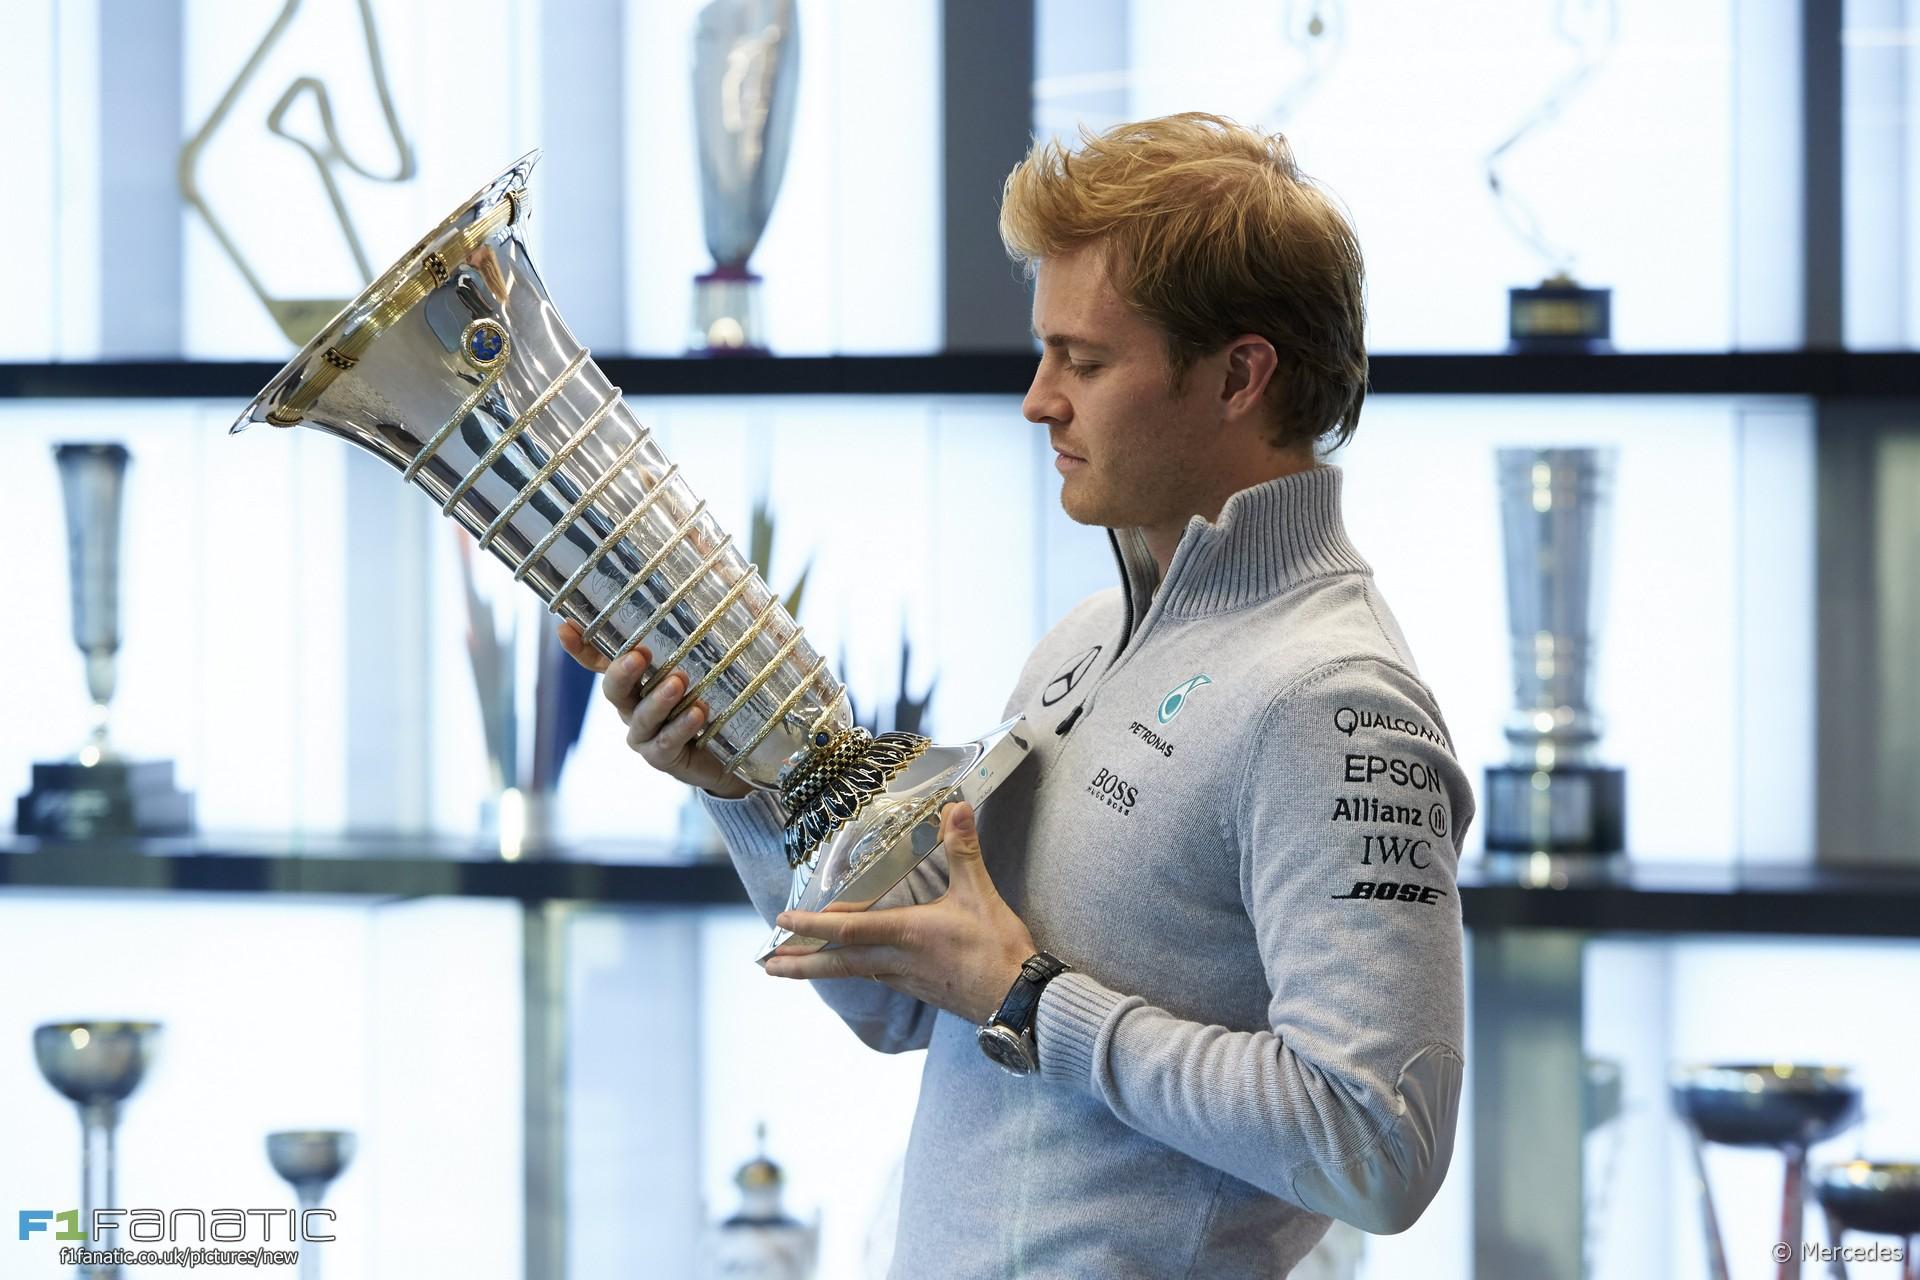 Nico Rosberg, Mercedes, 2016